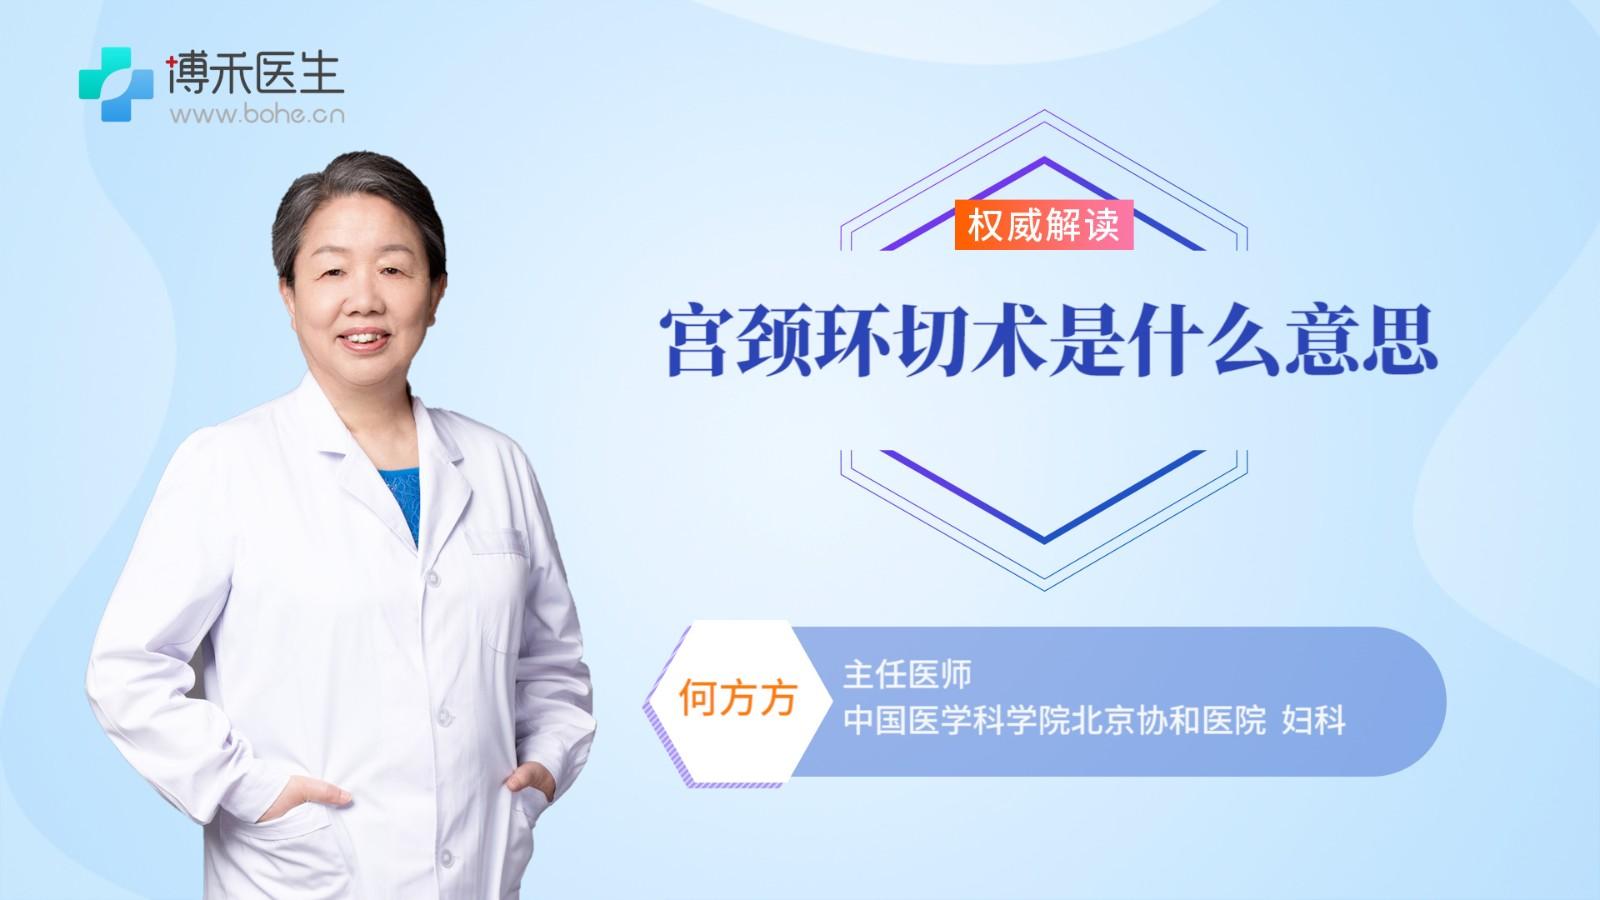 宮頸環切術是什么意思